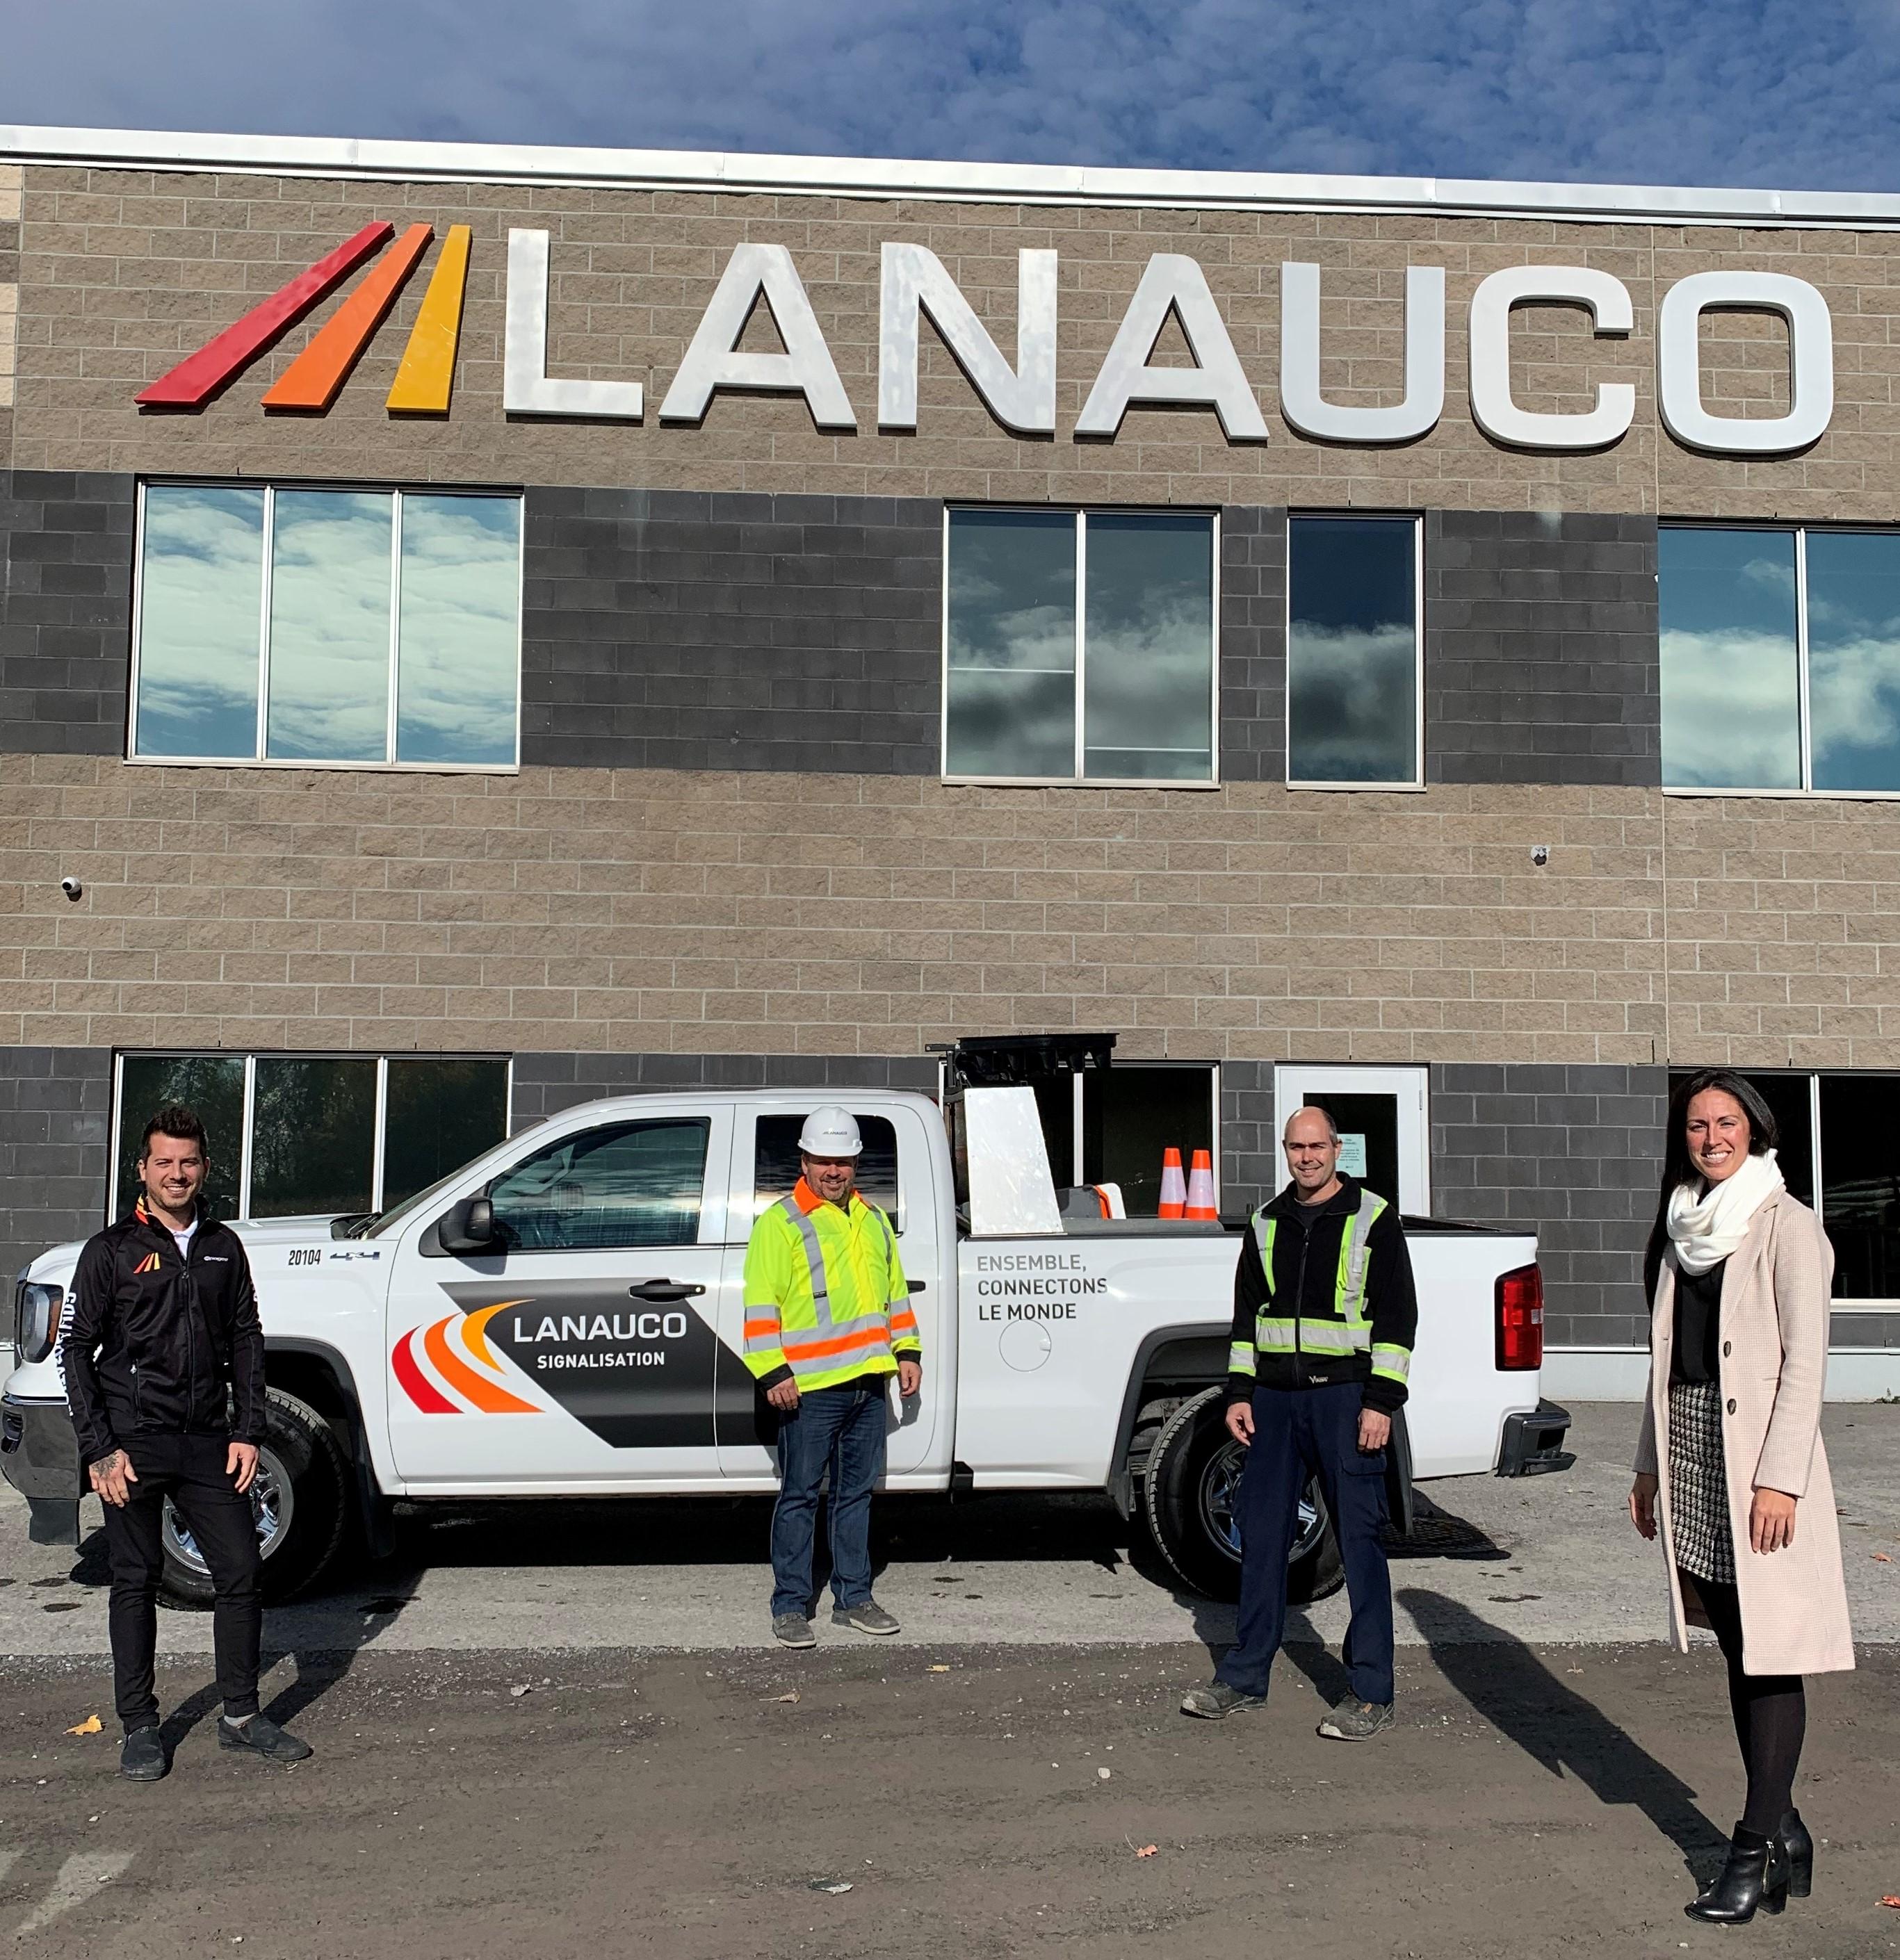 Lanauco